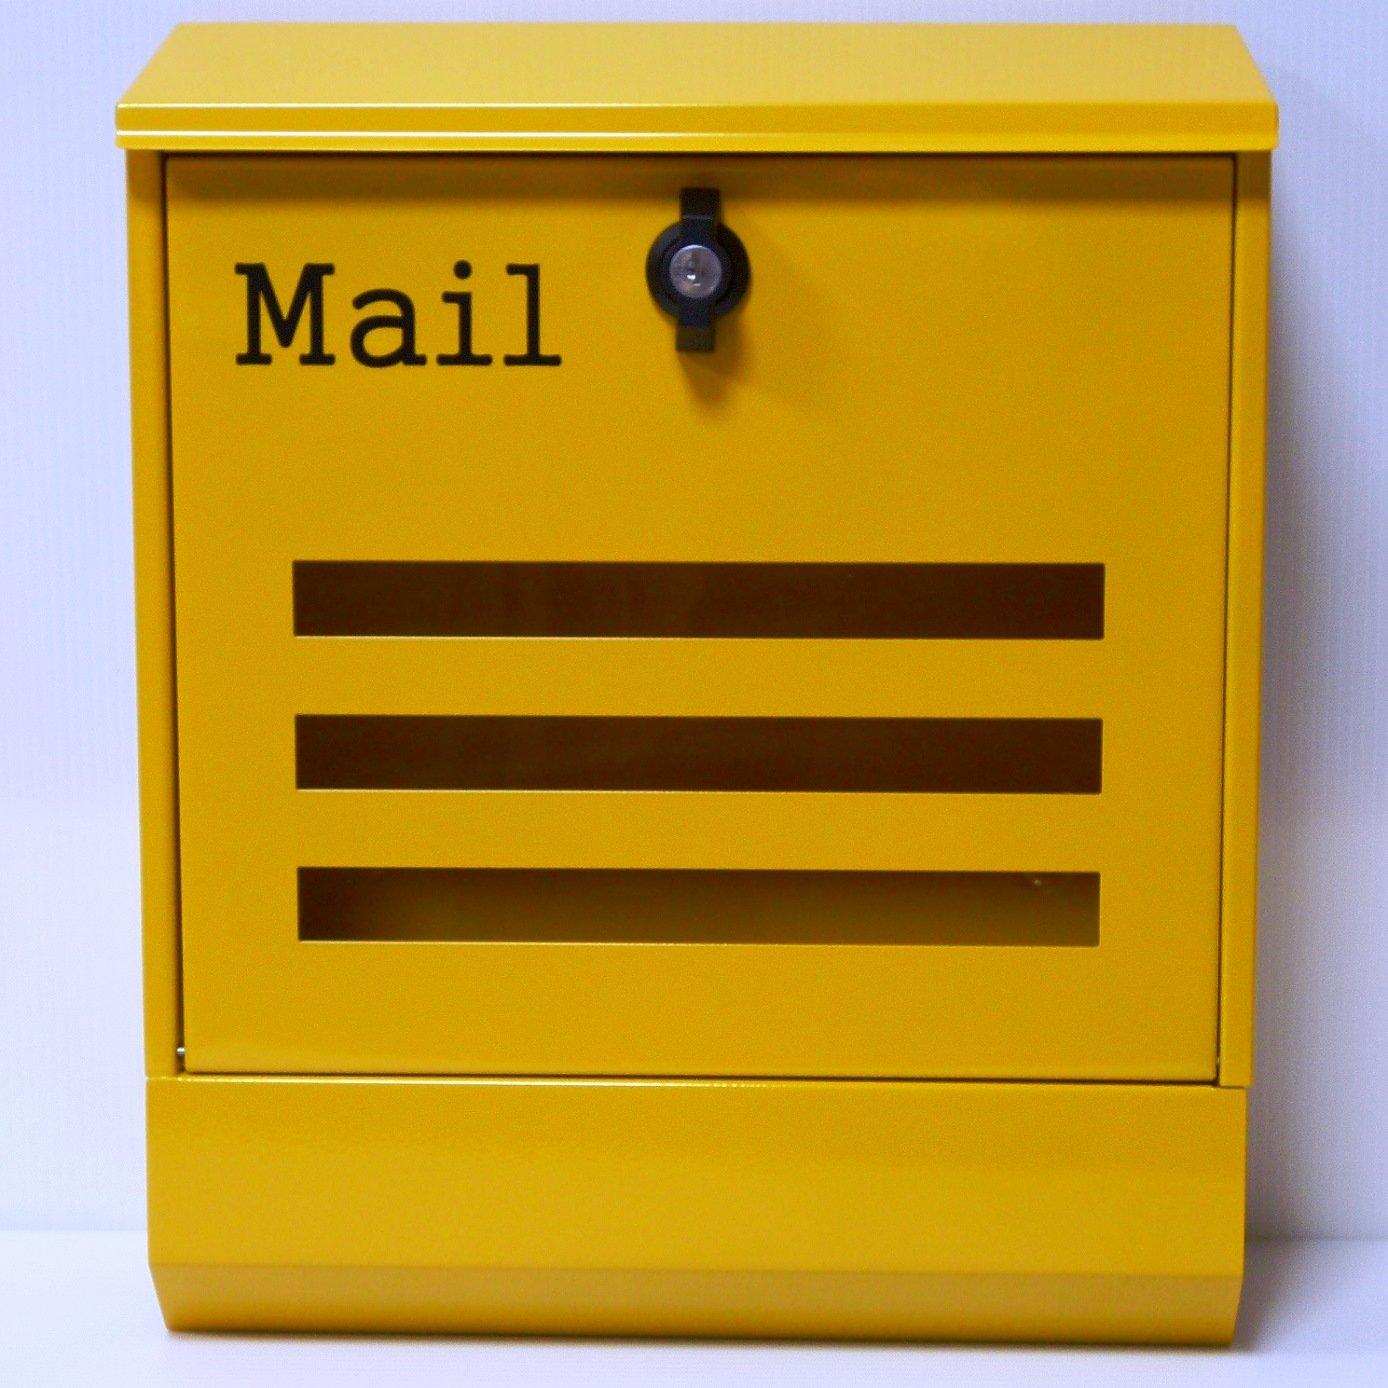 郵便ポスト 郵便受け 大型メールボックス壁掛けイエロー黄色プレミアムステンレスポストpm144 B018NNXYDU 12880